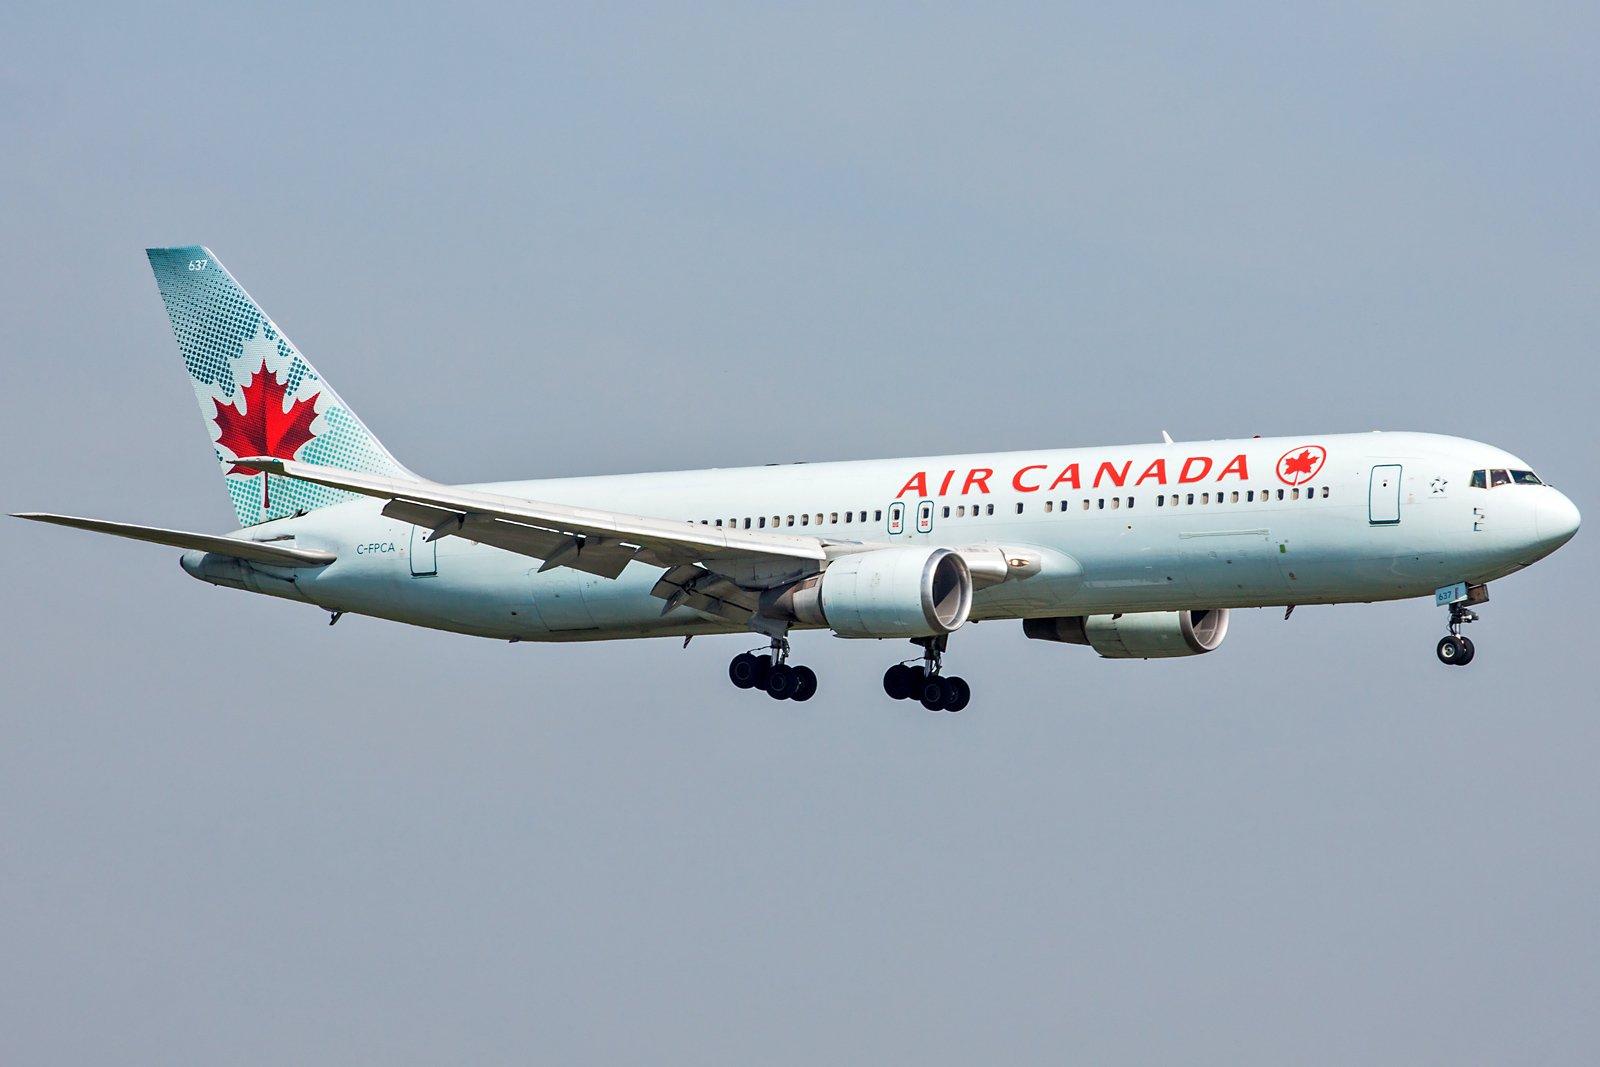 Air Canada Boeing 767-375(ER) C-FPCA